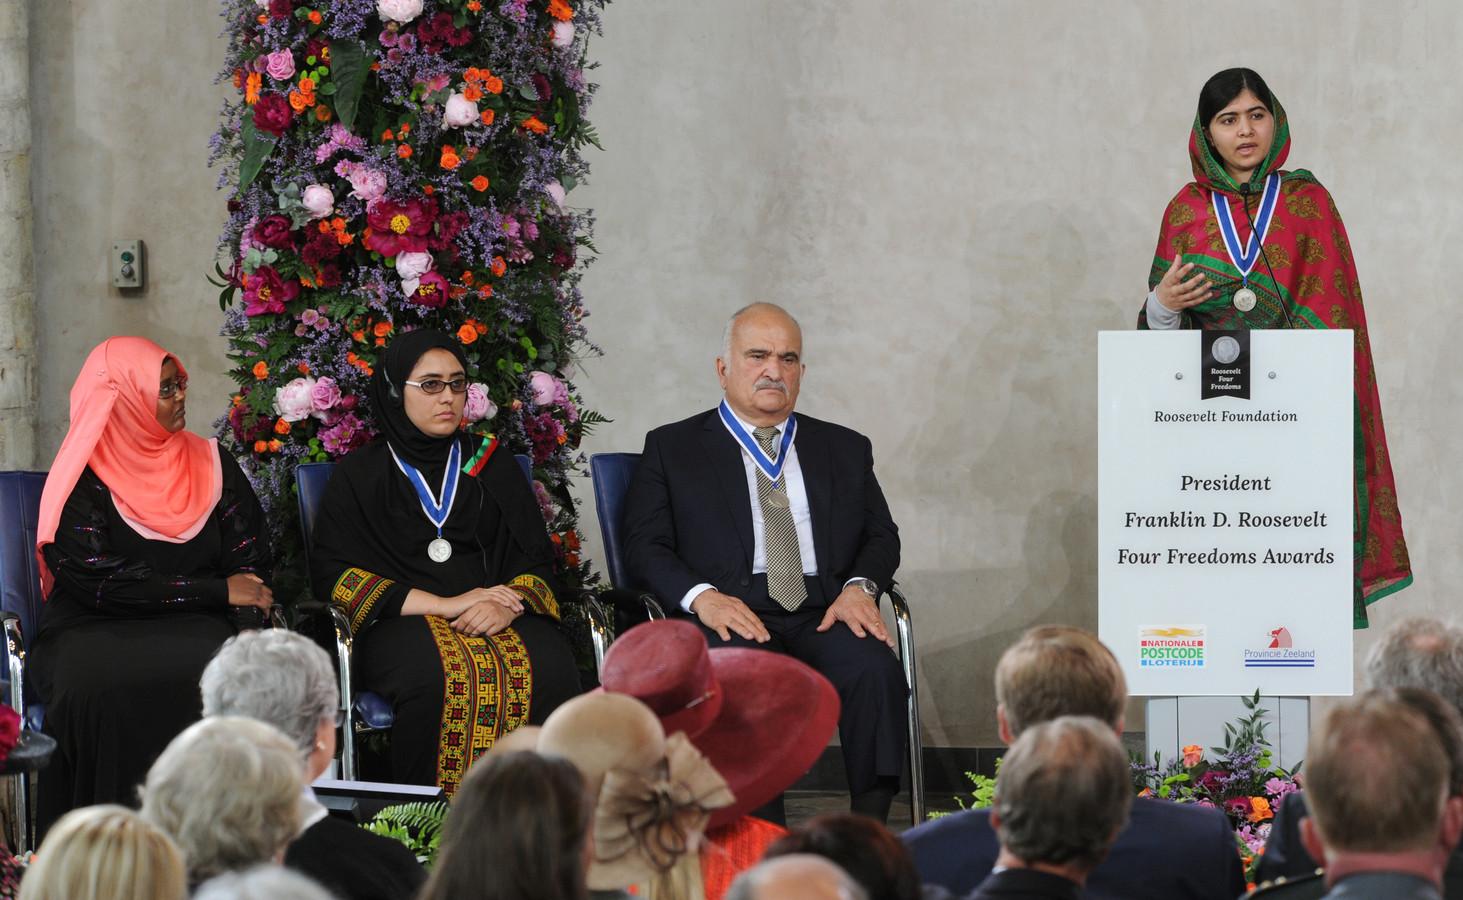 Kinderrechtenactiviste Malala Yousafzai ontving in 2014 een van de Four Freedoms Awards.